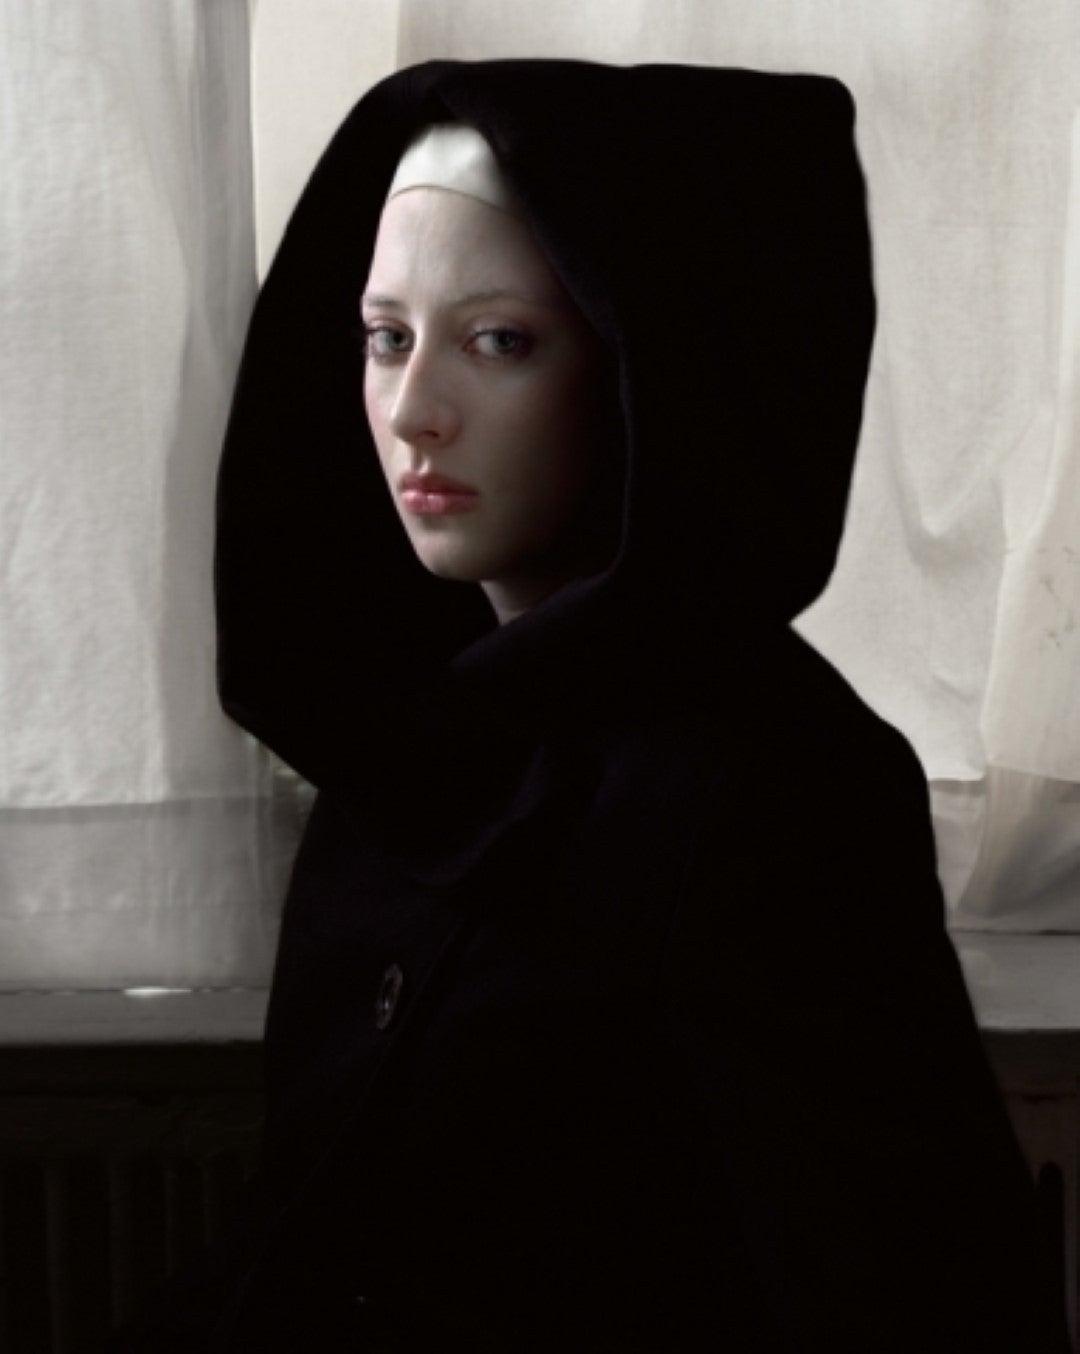 Фото девушек в черной накидке